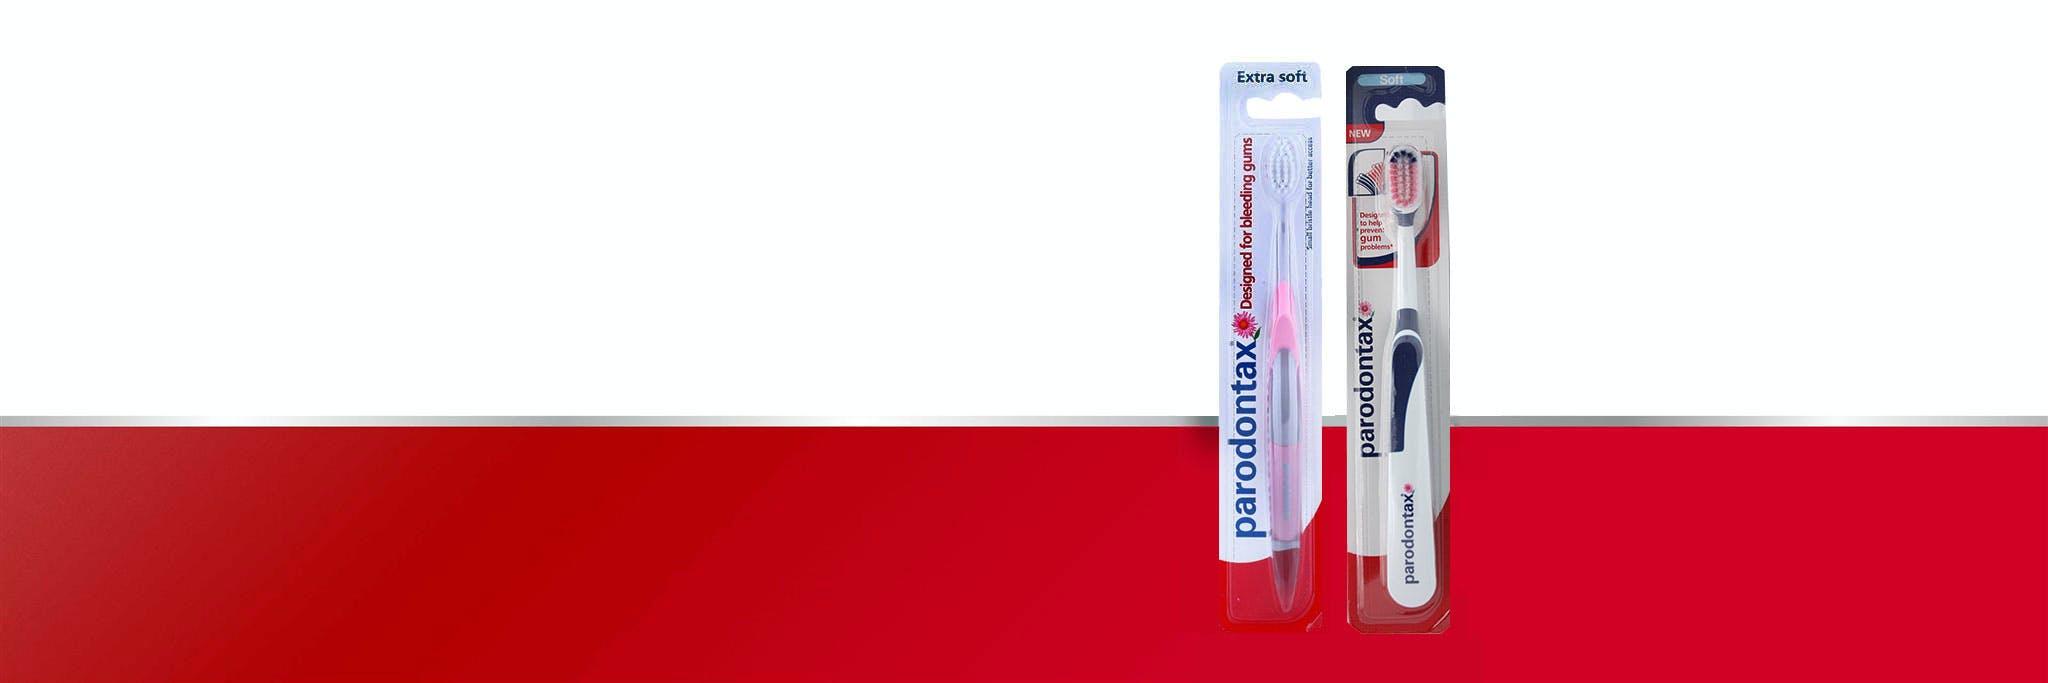 kartáčky Parodontax ke každodennímu použití